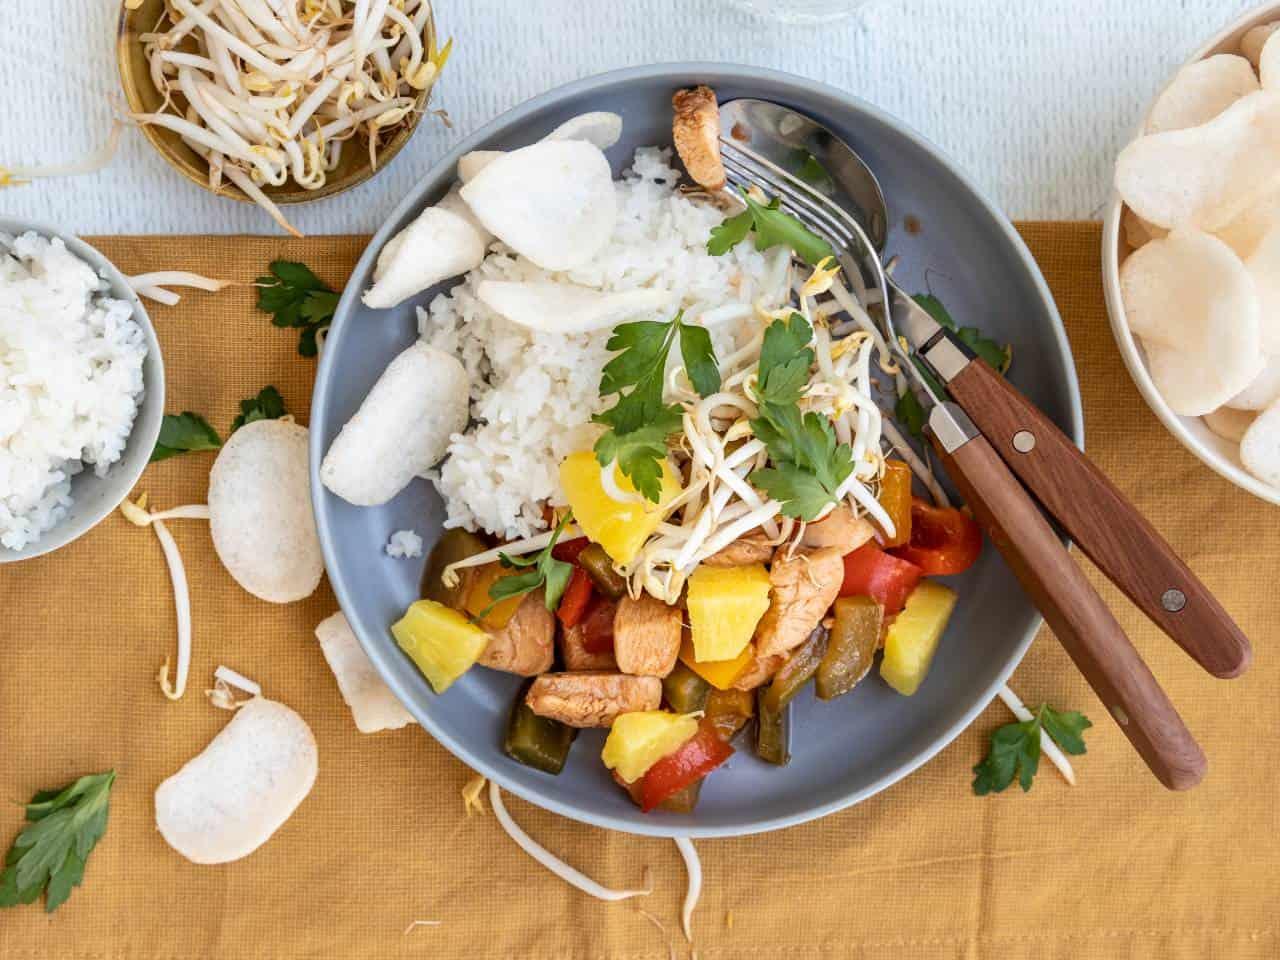 Zoet zure kip met ananas en rijst.